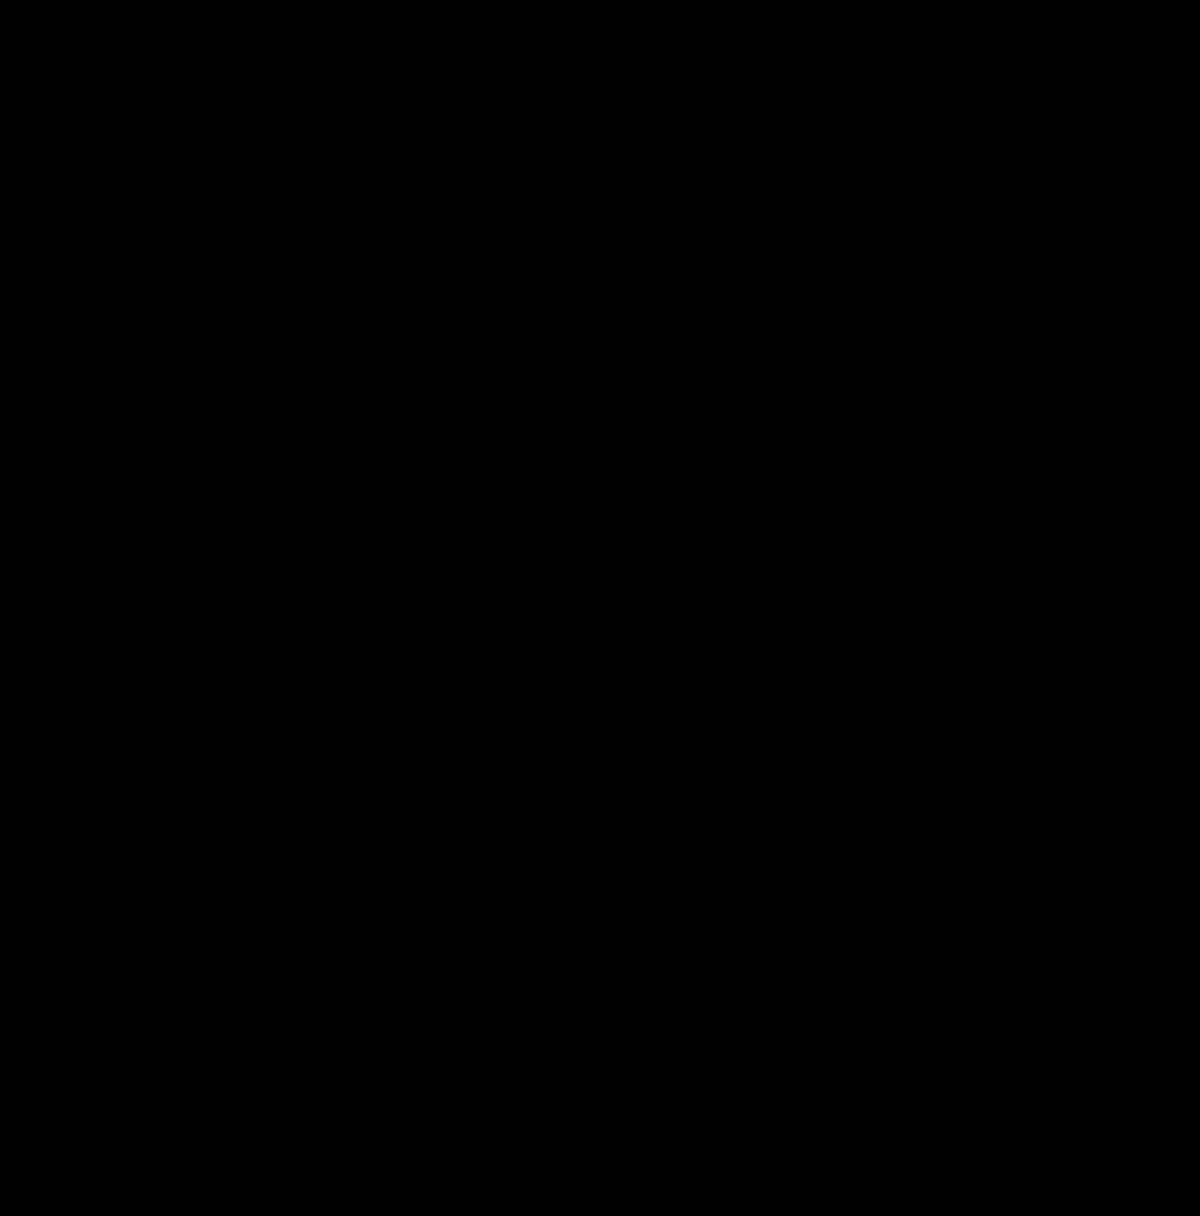 цветы вазе красивые векторные черно белые картинки введена эксплуатацию